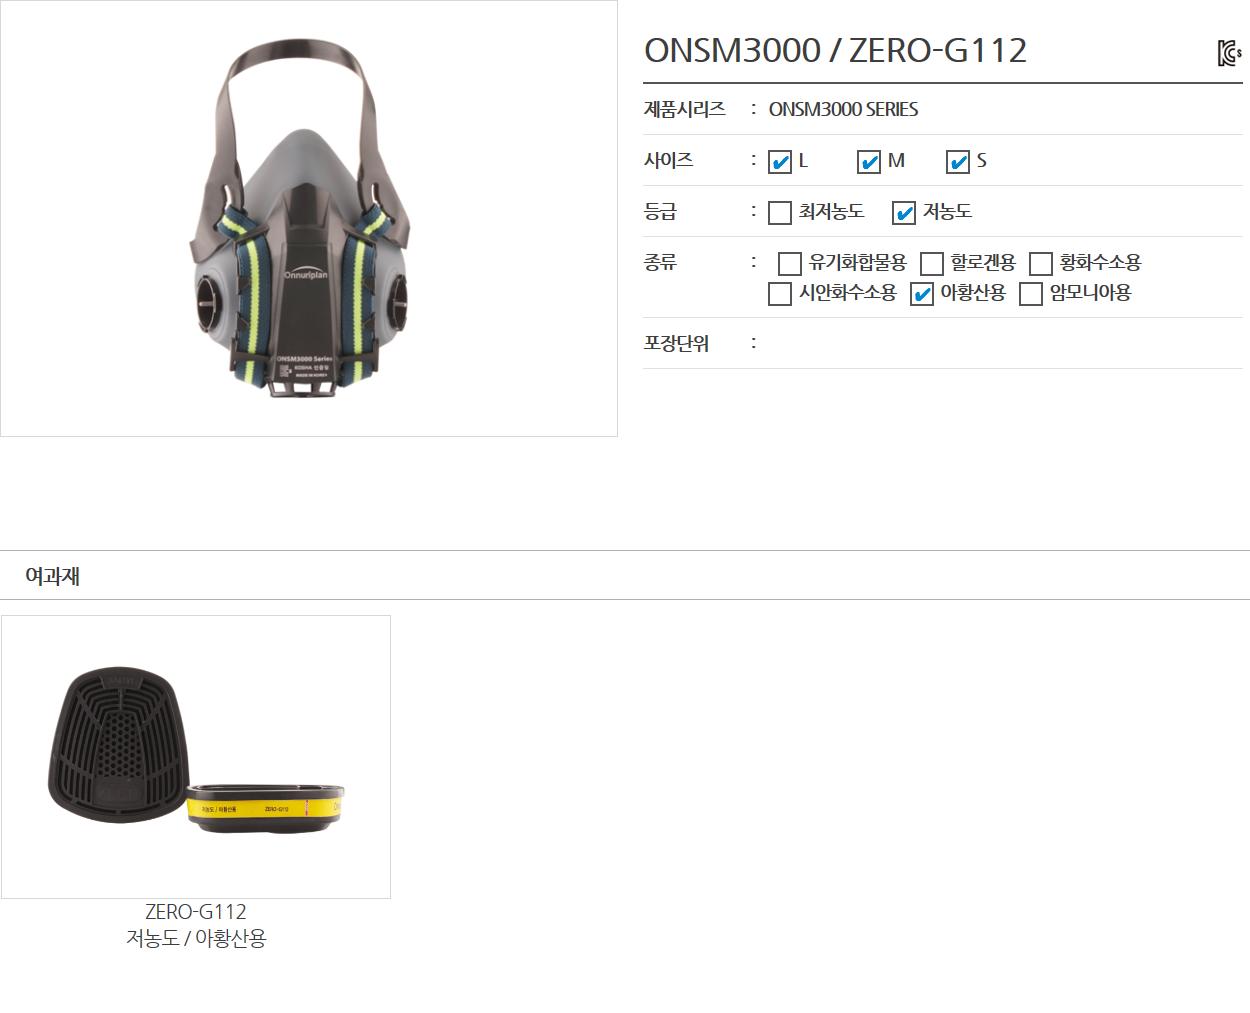 온누리플랜(주)  ONSM3000 / ZERO-G112 1